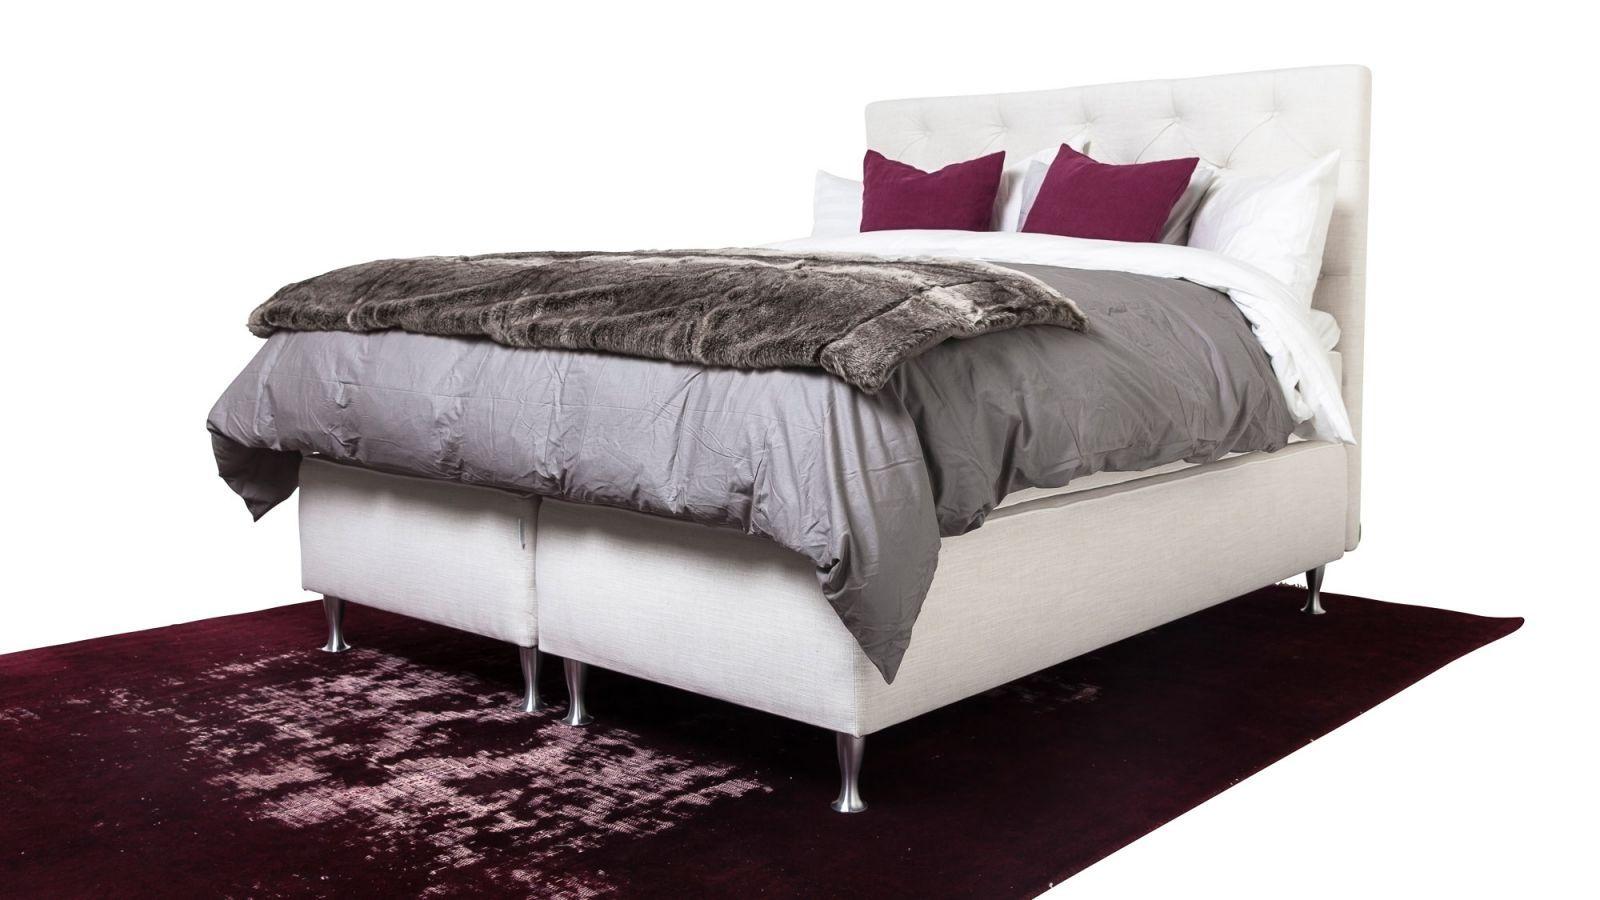 Vit säng Zebran Djuphäftad sänggavel Gavel, dubbelsäng, kontinentalsäng, silverben, pälspläd